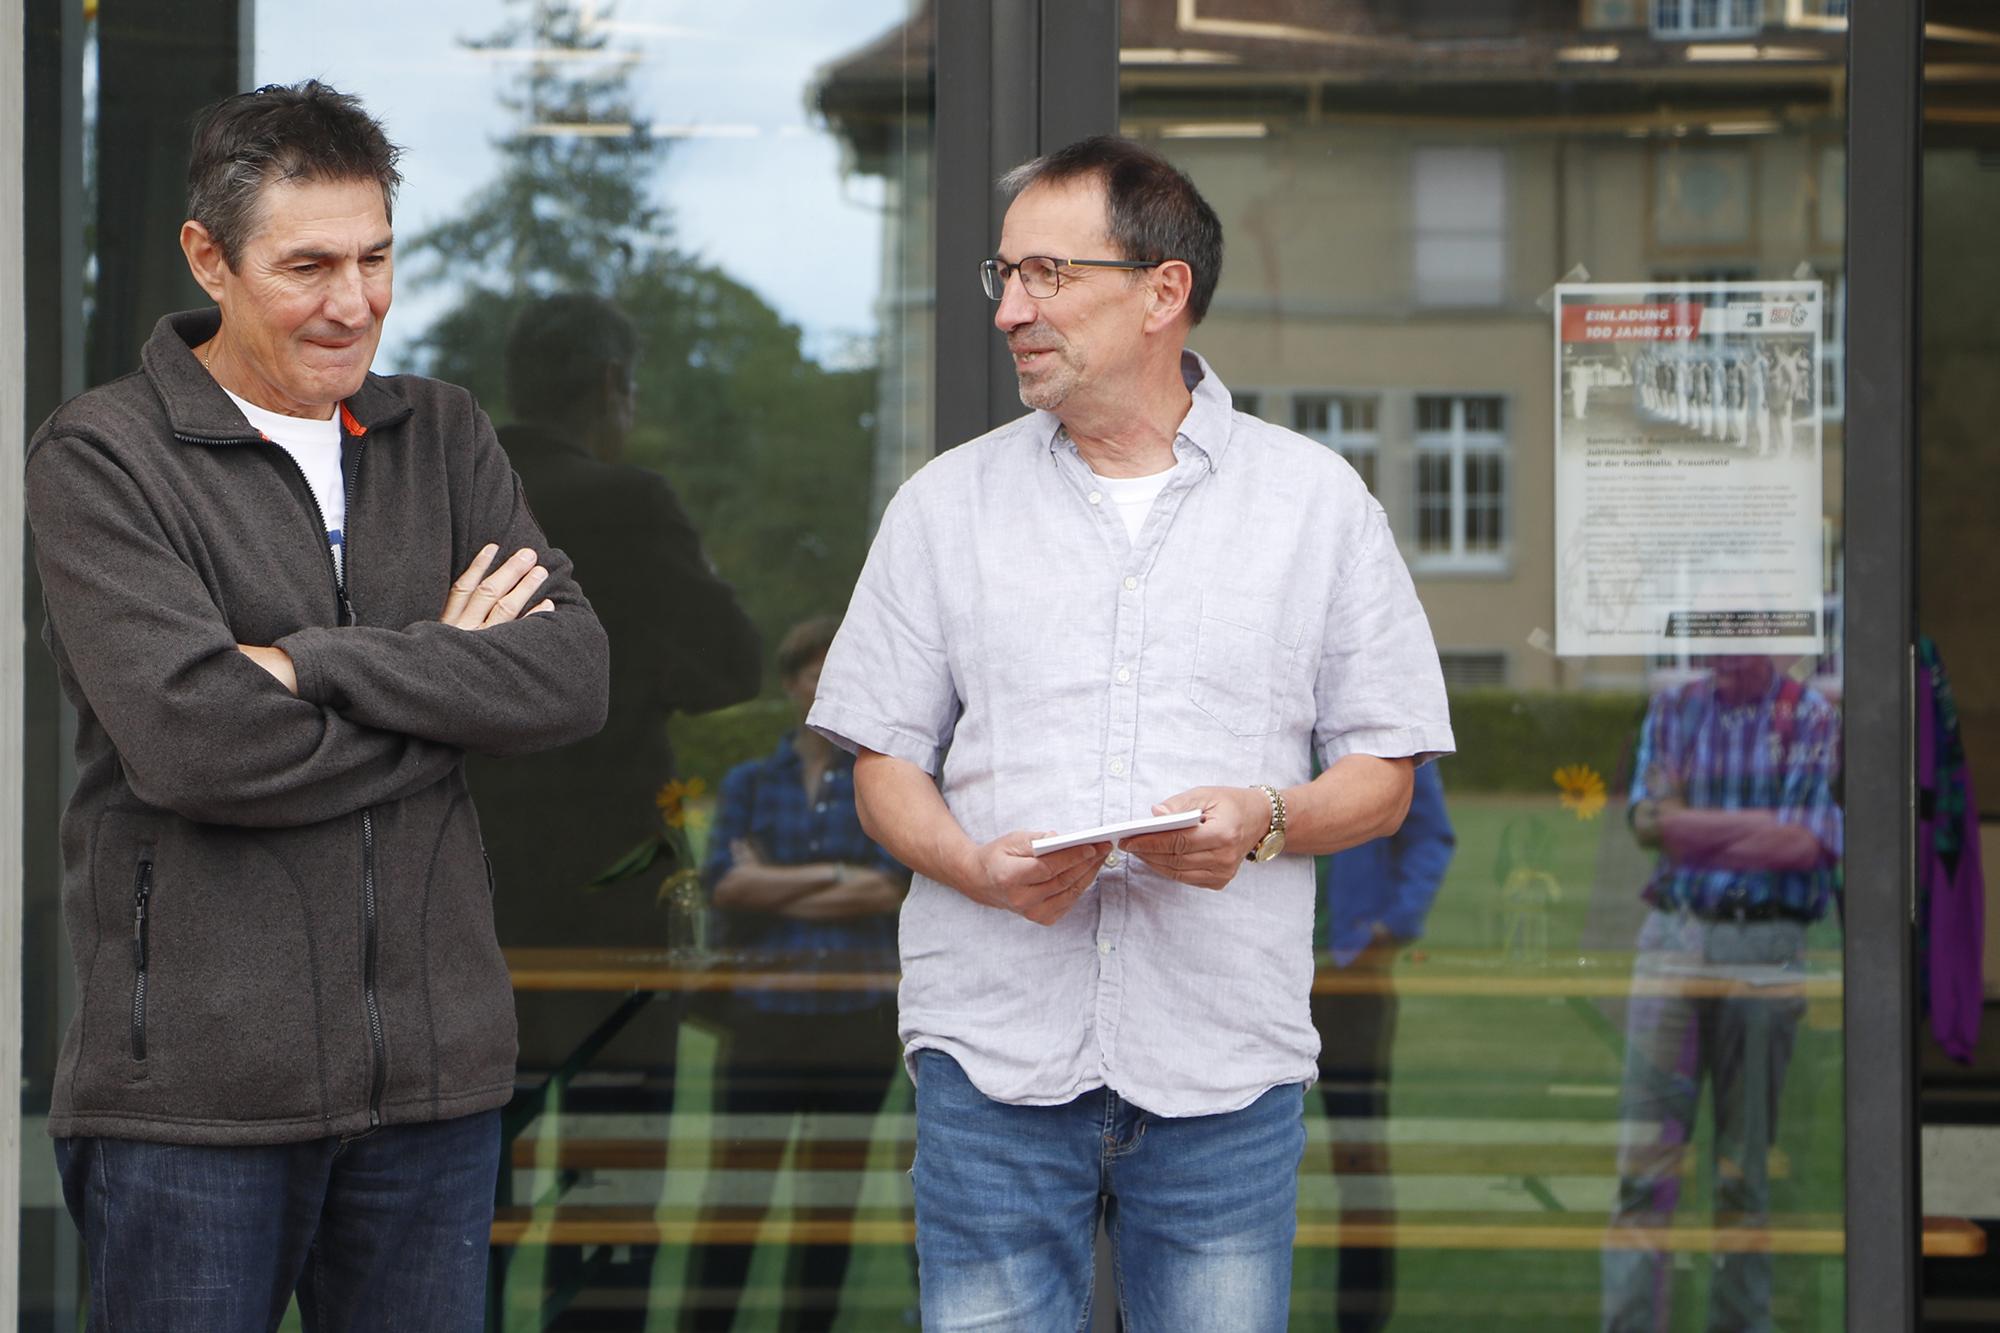 Die beiden Chronisten Michael Frei (links) und Hanspeter Rohde präsentieren die frisch gedruckte 84-seitige Chronik.